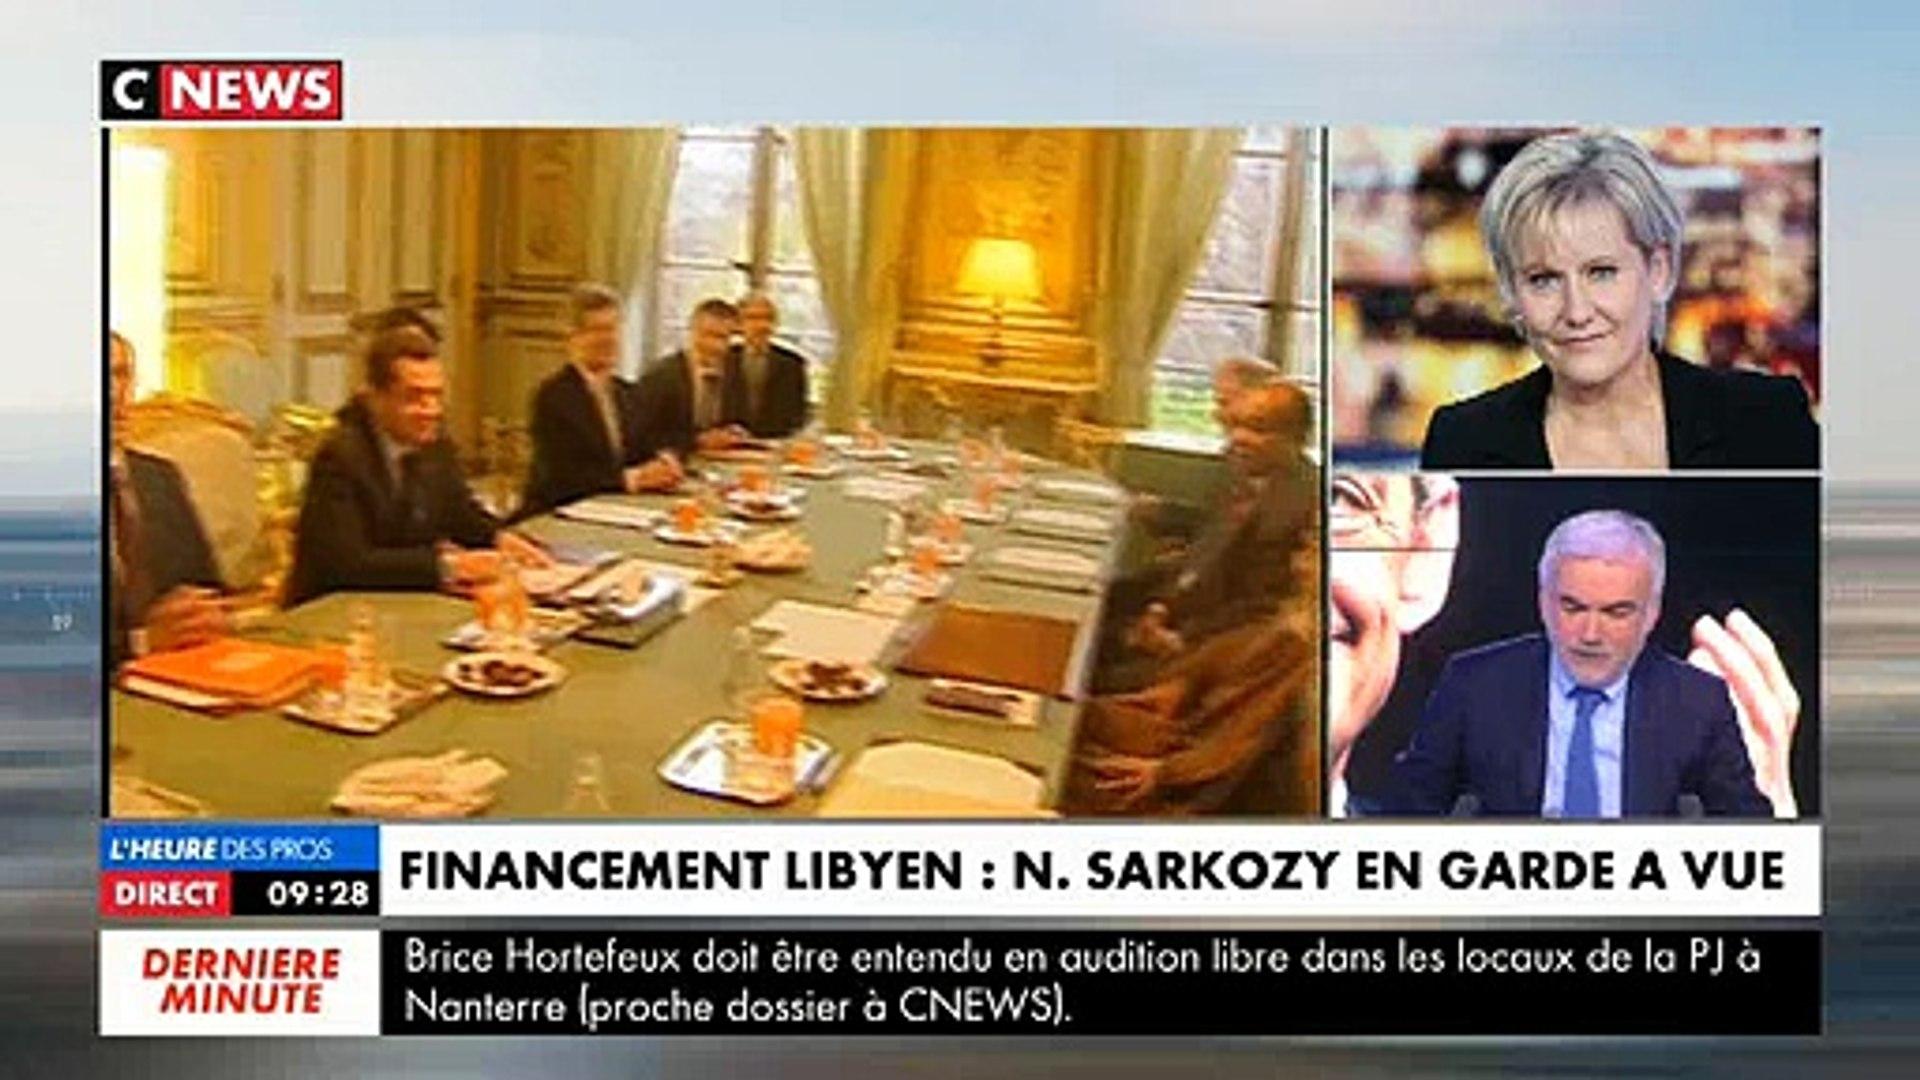 Garde à vue de Sarkozy: Furieuse, Nadine Morano hurle et raccroche au nez de Pascal Praud en direct